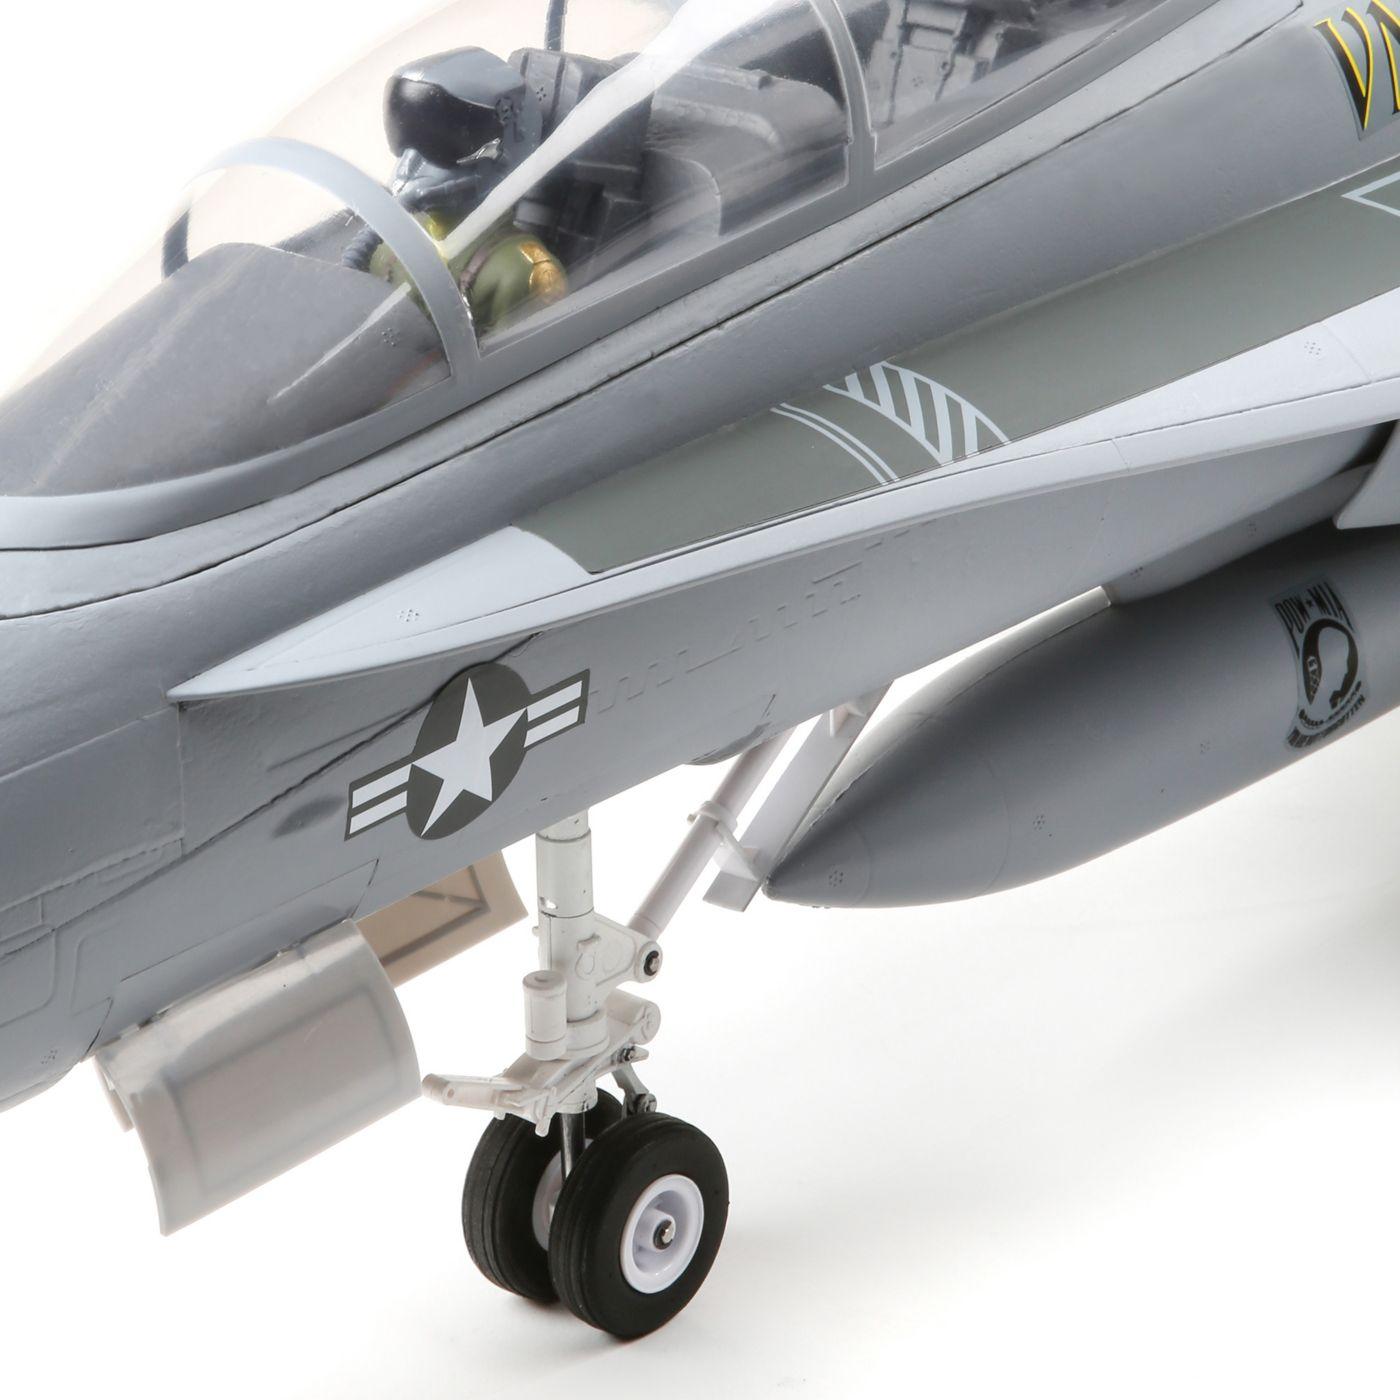 F-18 Hornet E-flite